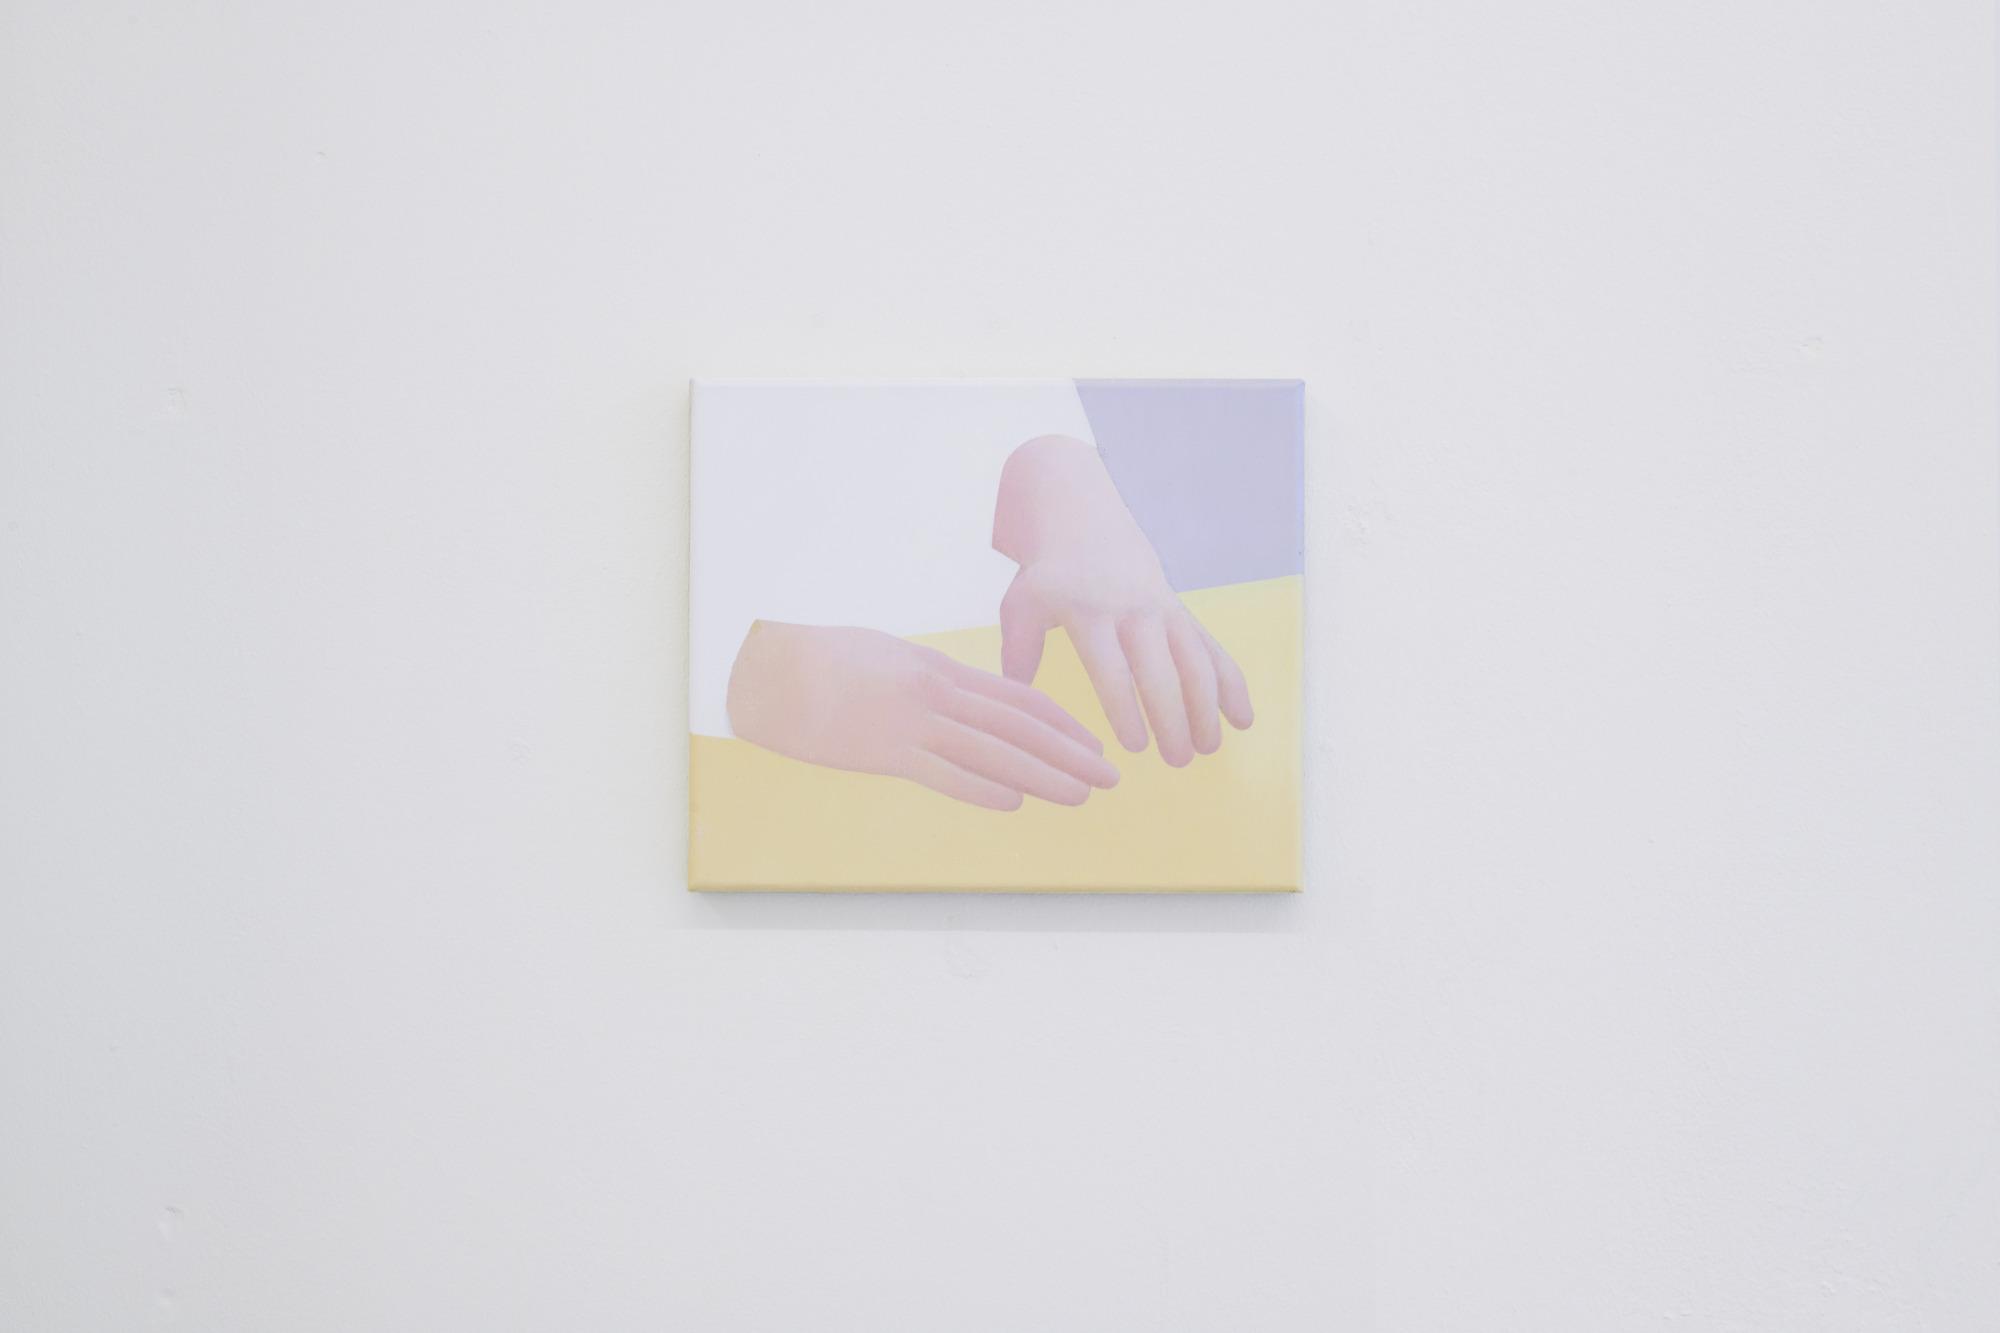 Manuel Stehli untitled (Händepaar II), 2020, 24×28 cm, oil on canvas, Courtesy of the artist and Lemoyne